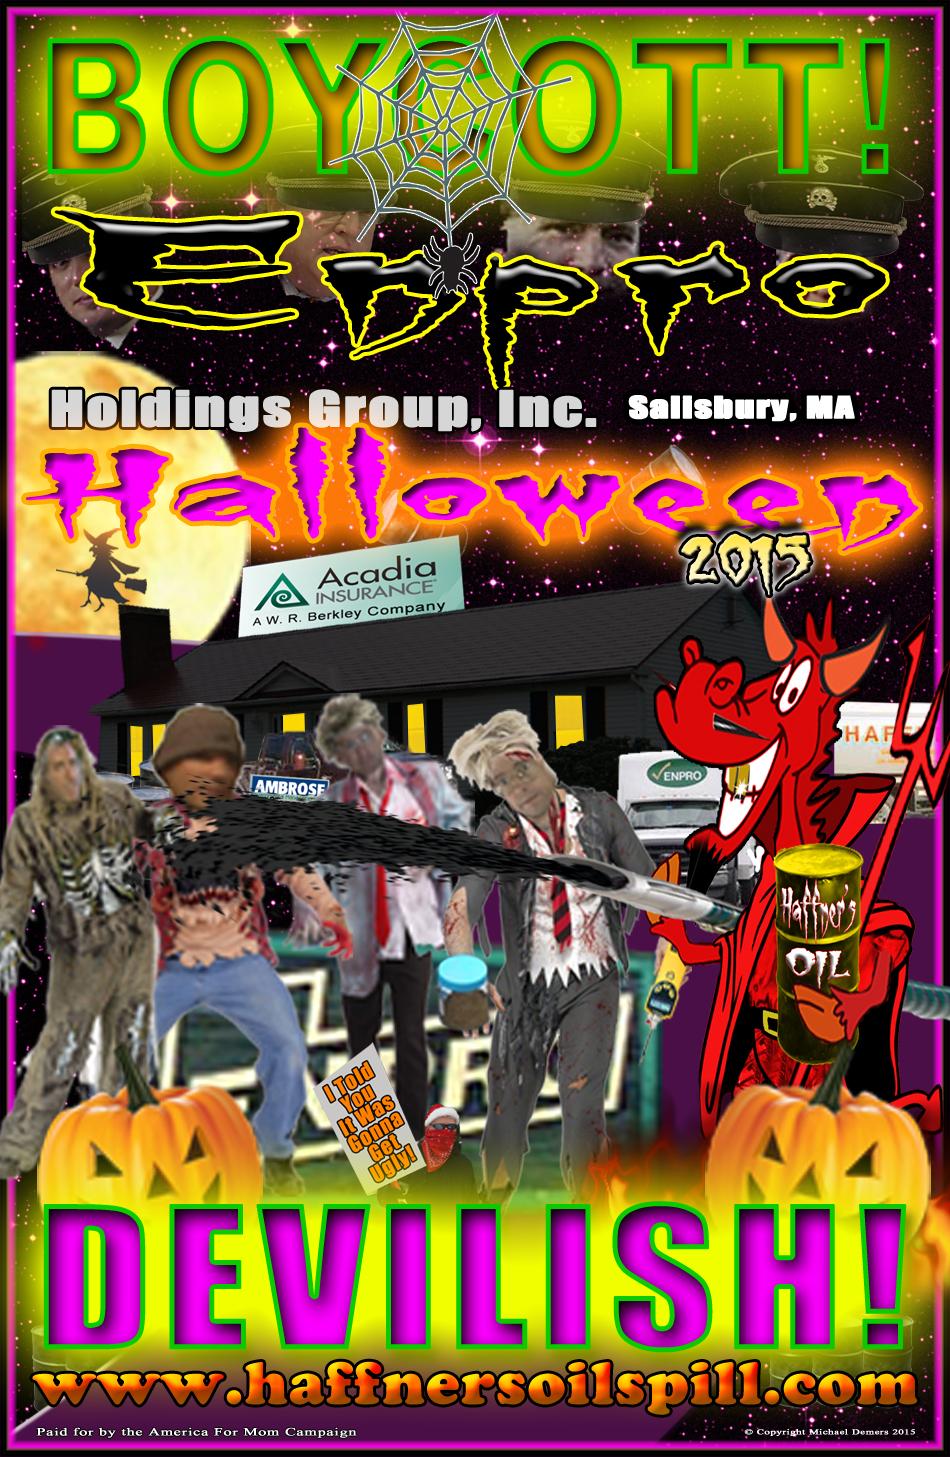 HalloweenEnpro